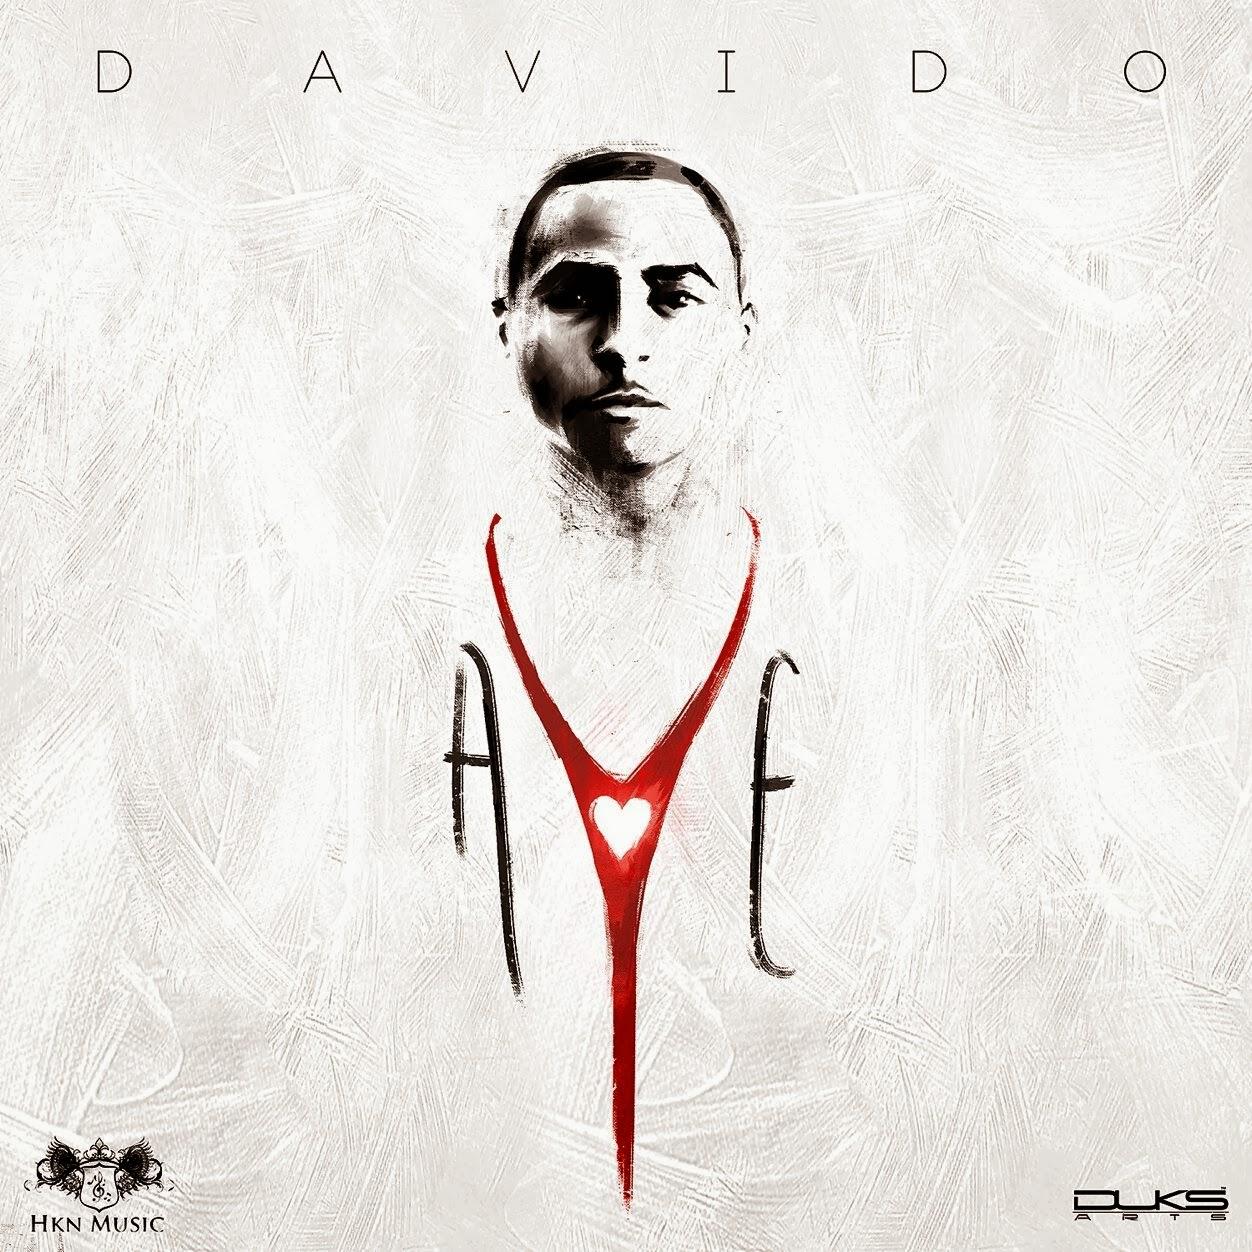 davido new song